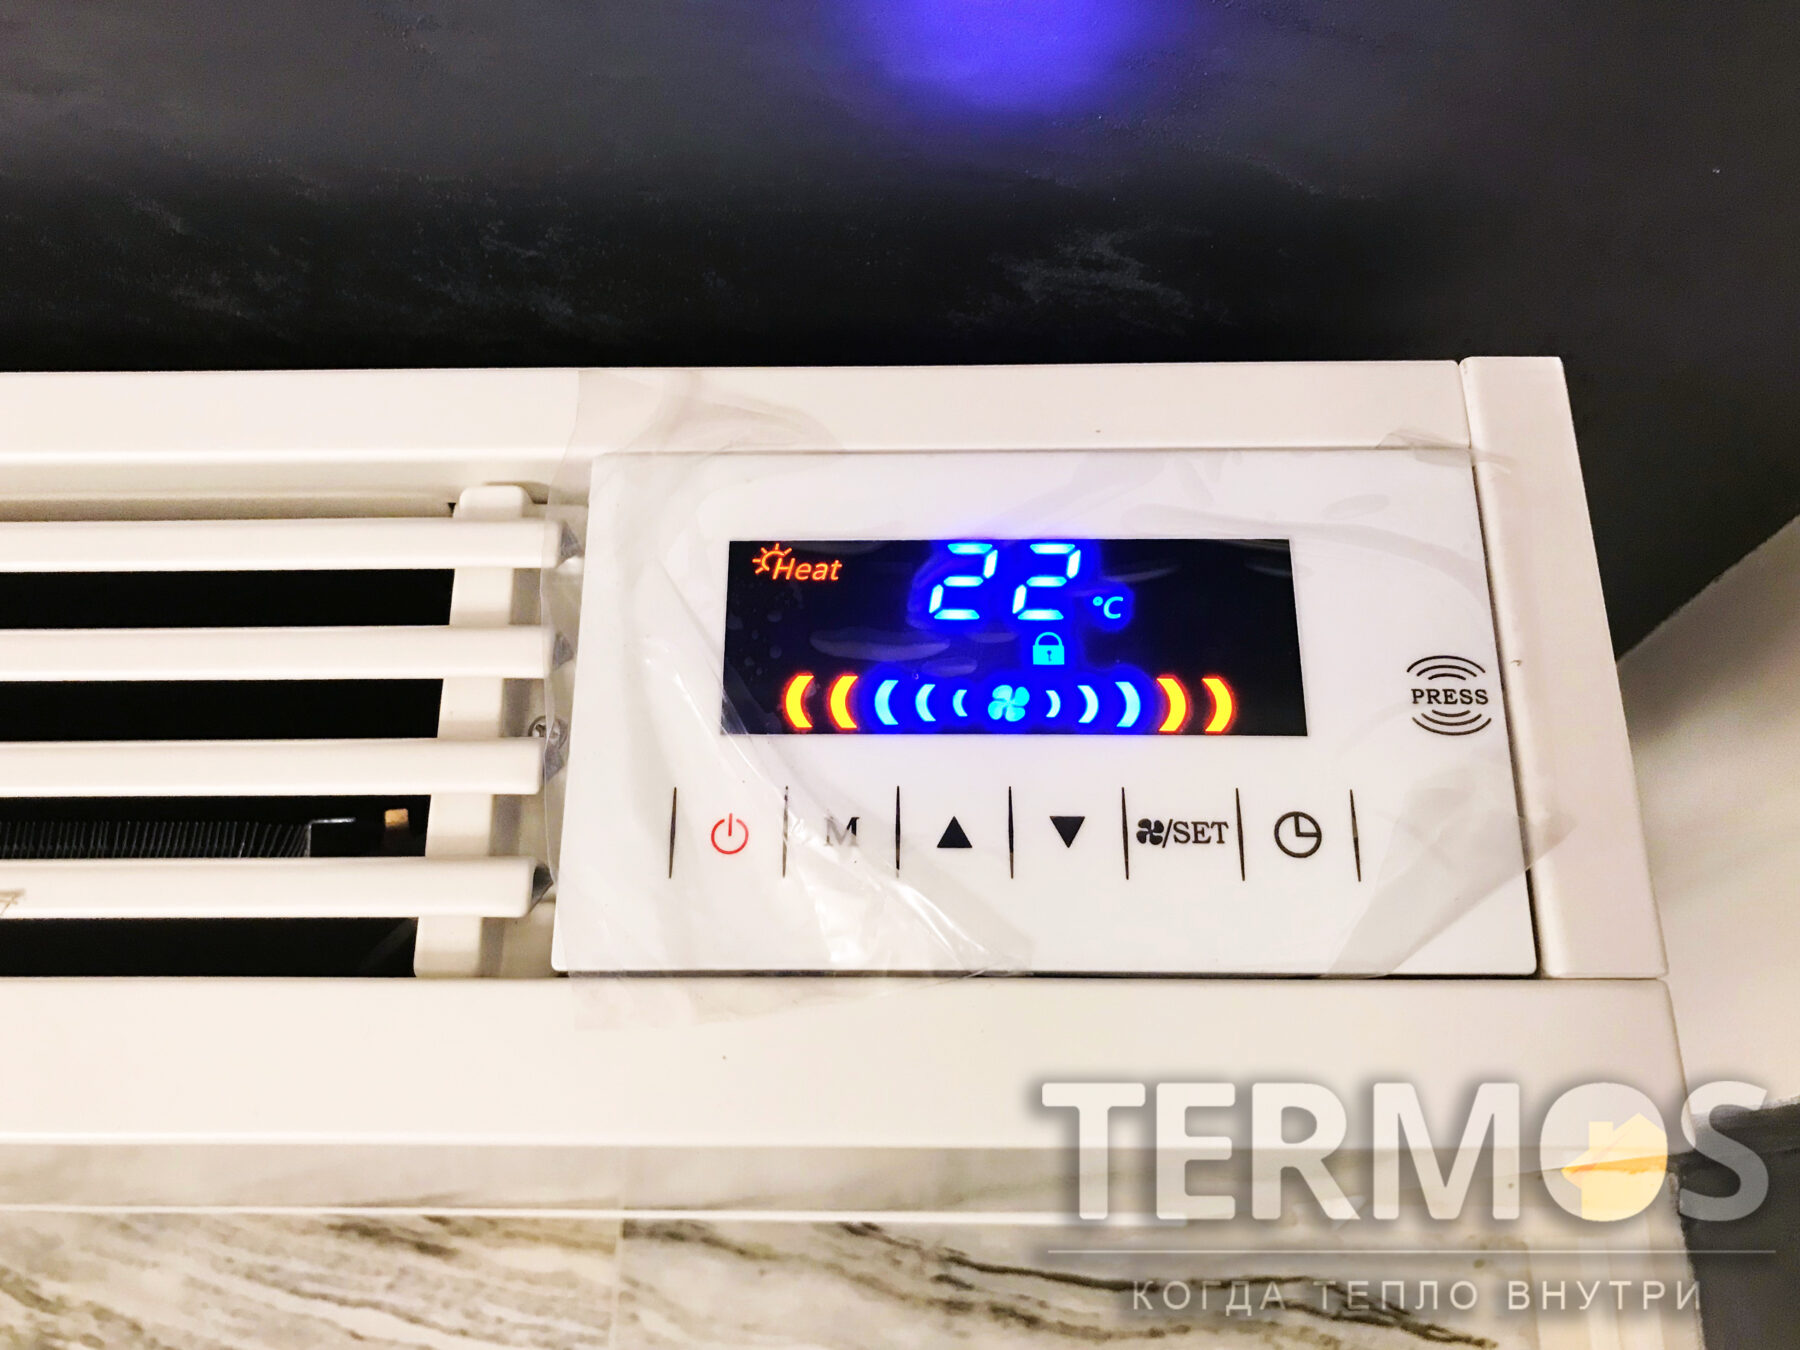 Фанкойл в автоматическом режиме поддерживает заданную температуру в помещении